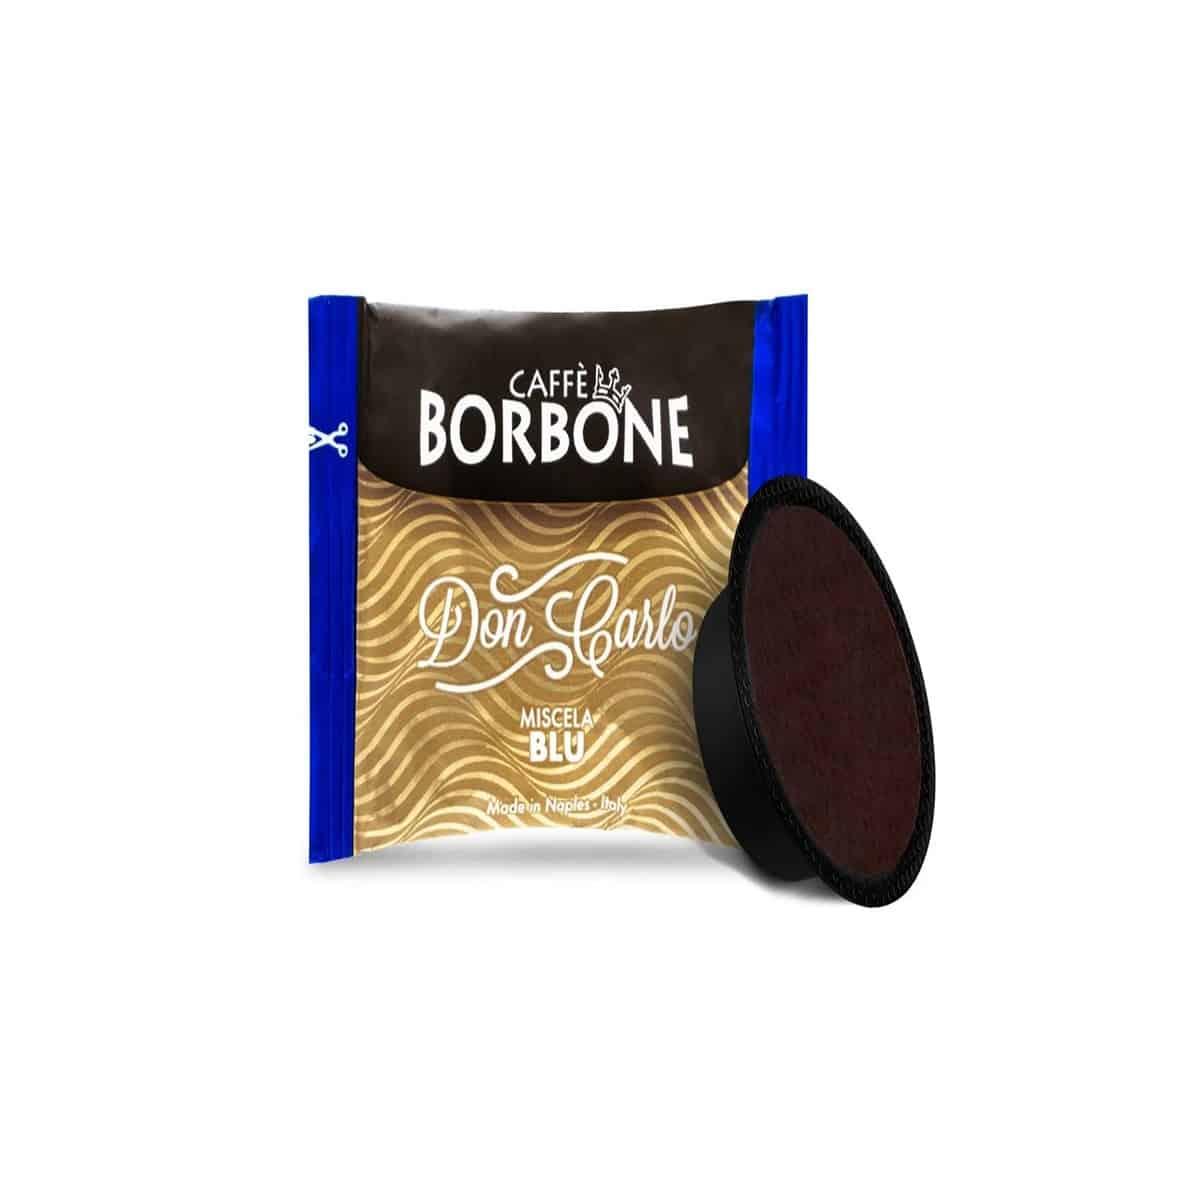 Rocard Caffè Borbone - Linea Don Carlo - Miscela Blu 700 Capsule